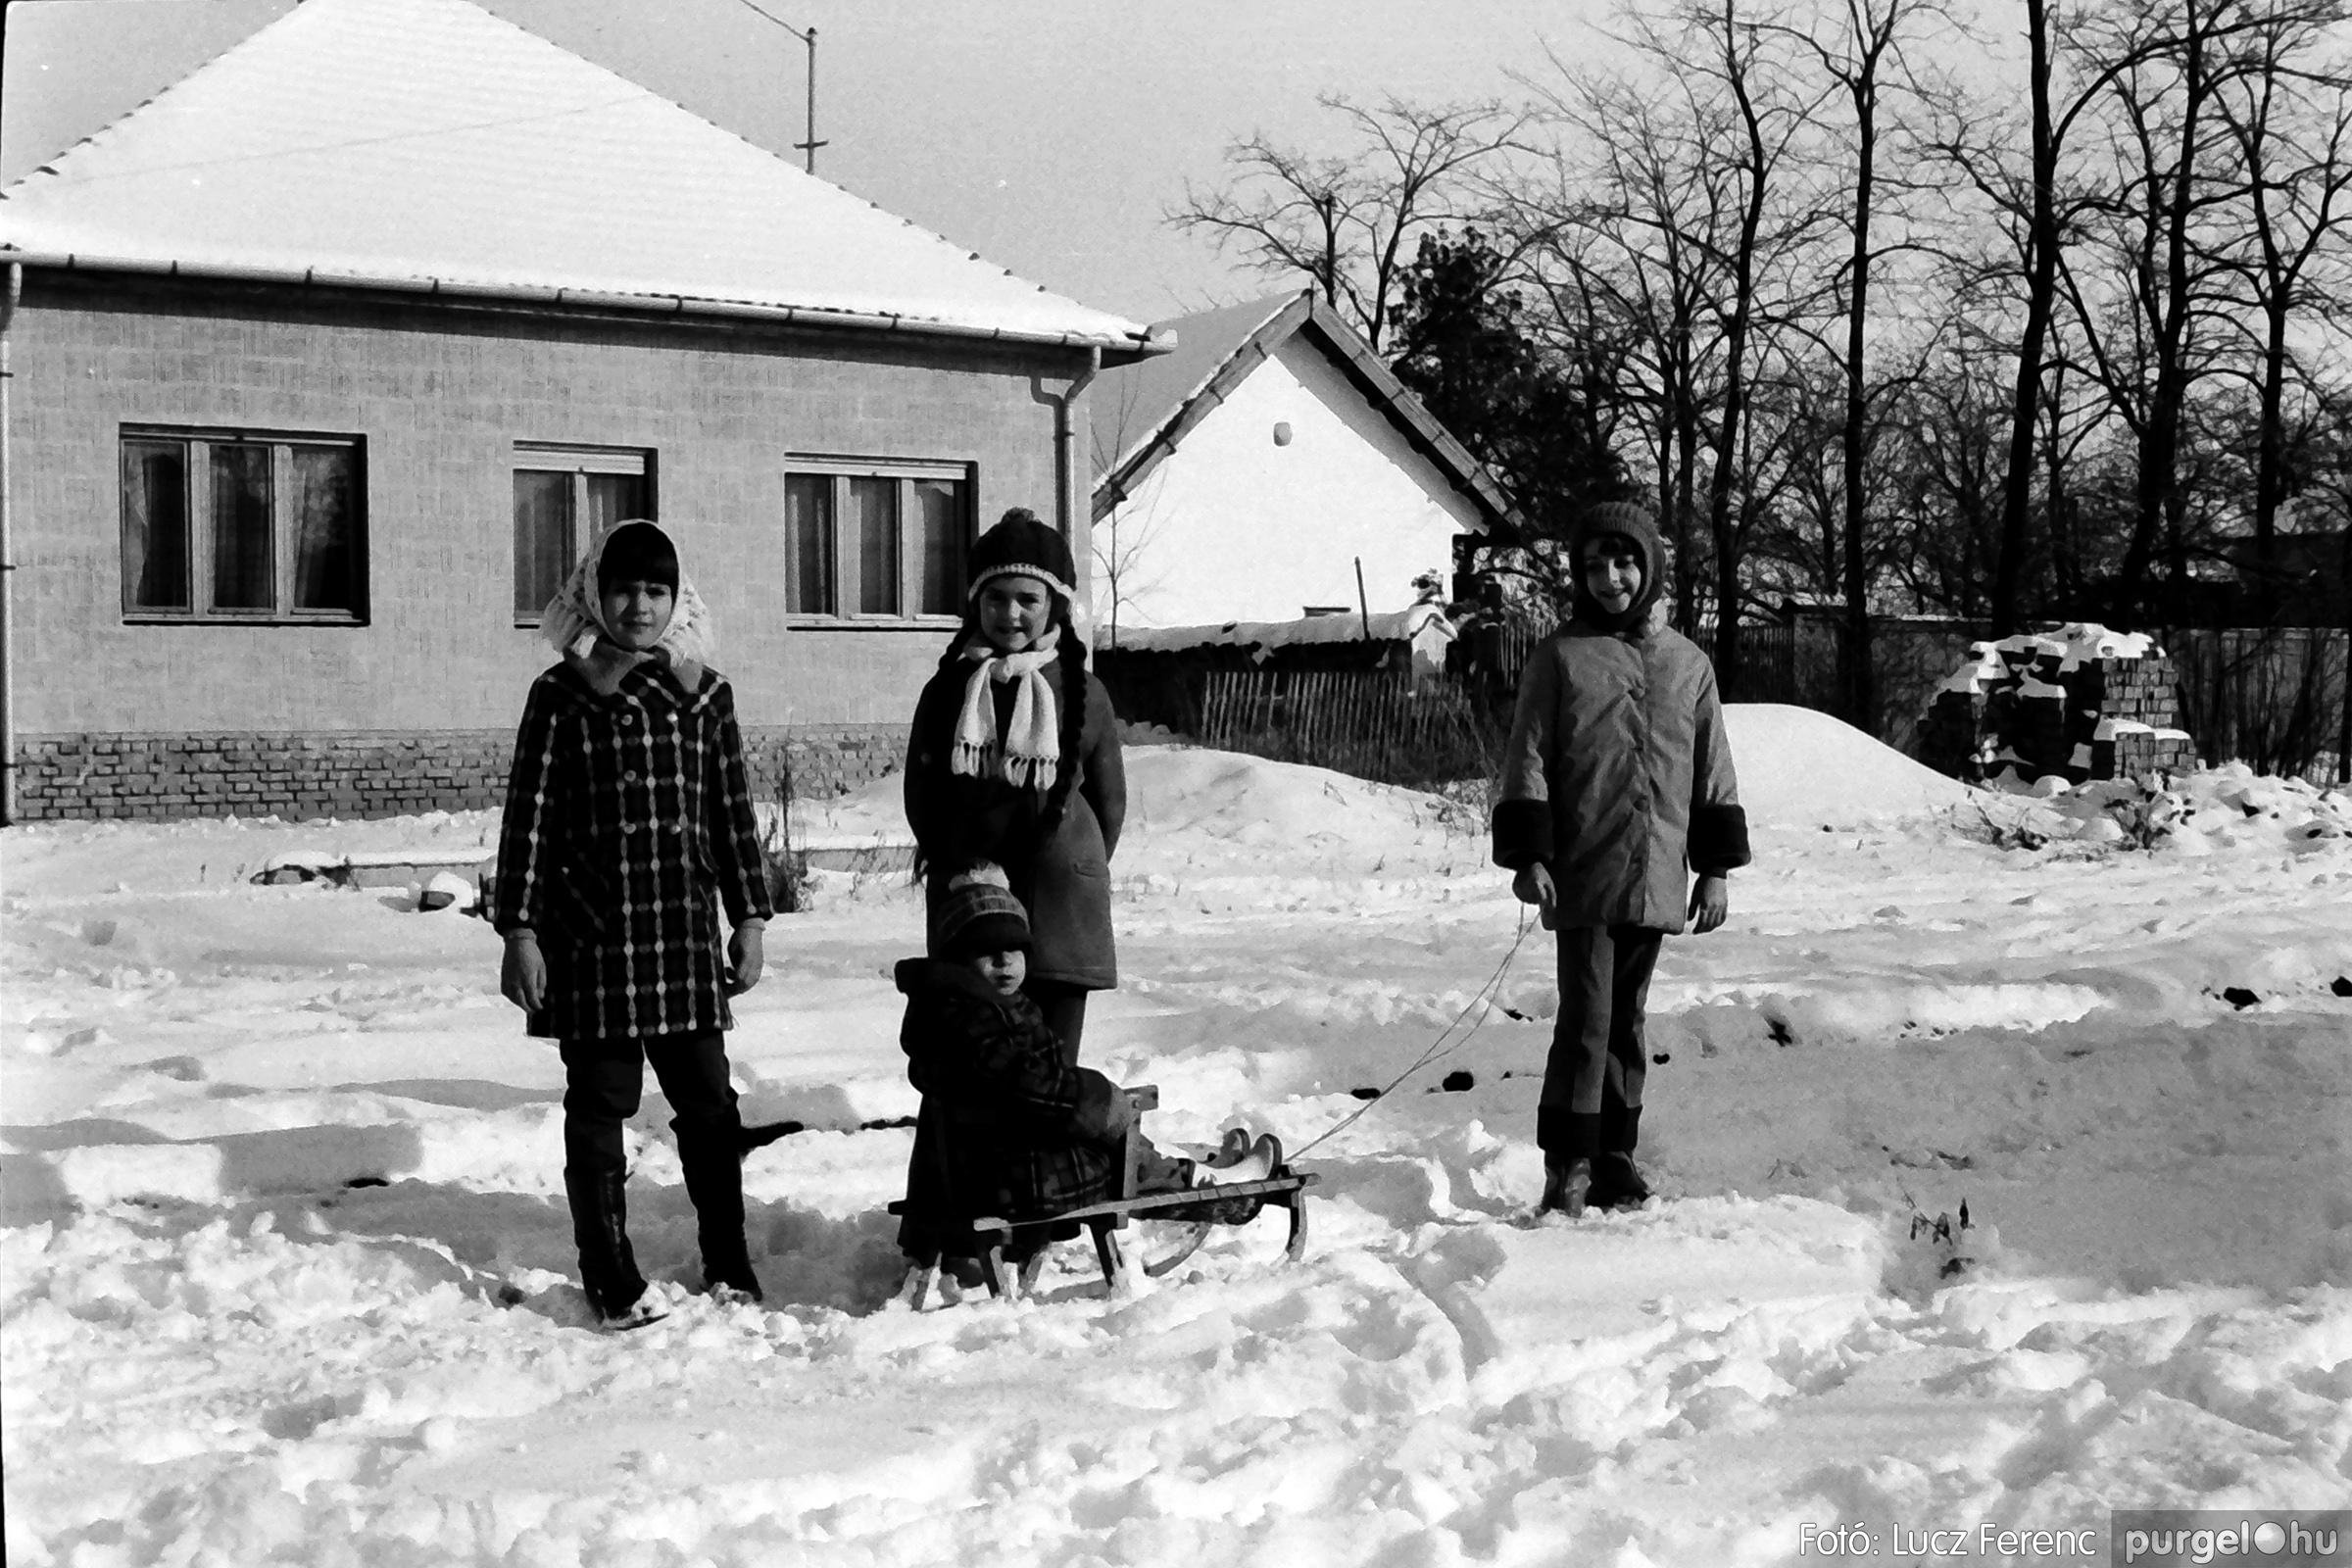 070. 1976.12.31. Szilveszter a kultúrházban 020. - Fotó: Lucz Ferenc.jpg